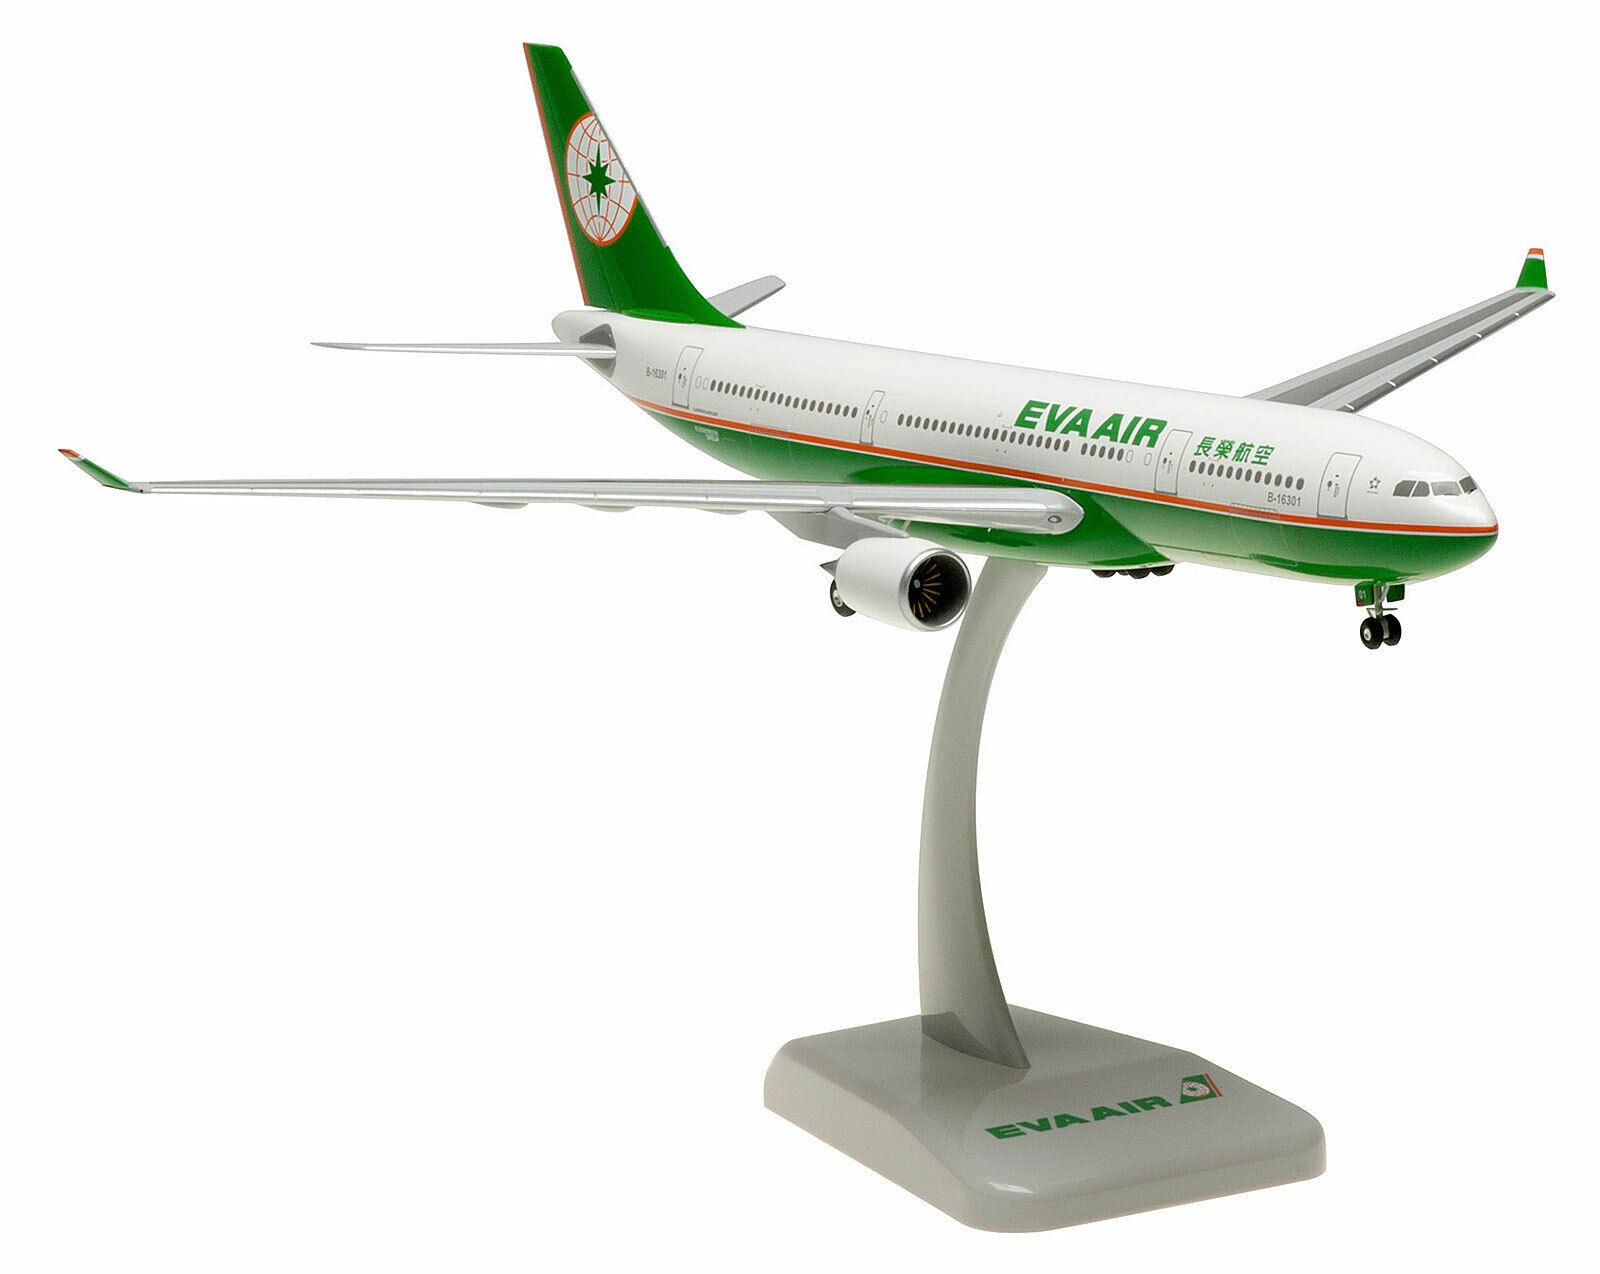 EVA Air-Airbus a330-200 - 1 200 - HOGAN Wings aereo modello 0458 a330 b-16301